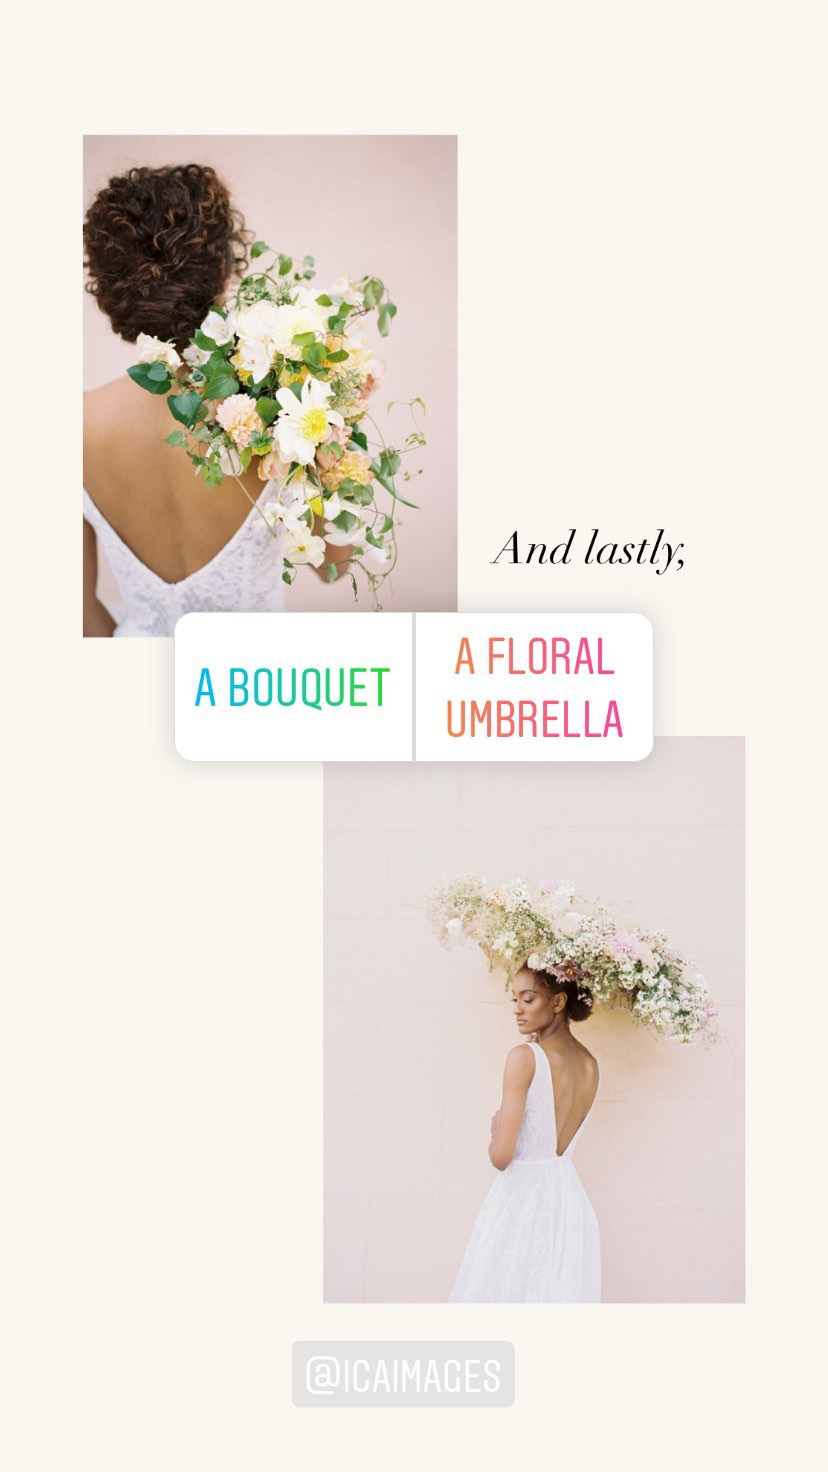 Washington DC Wedding Photographer | Ica Images